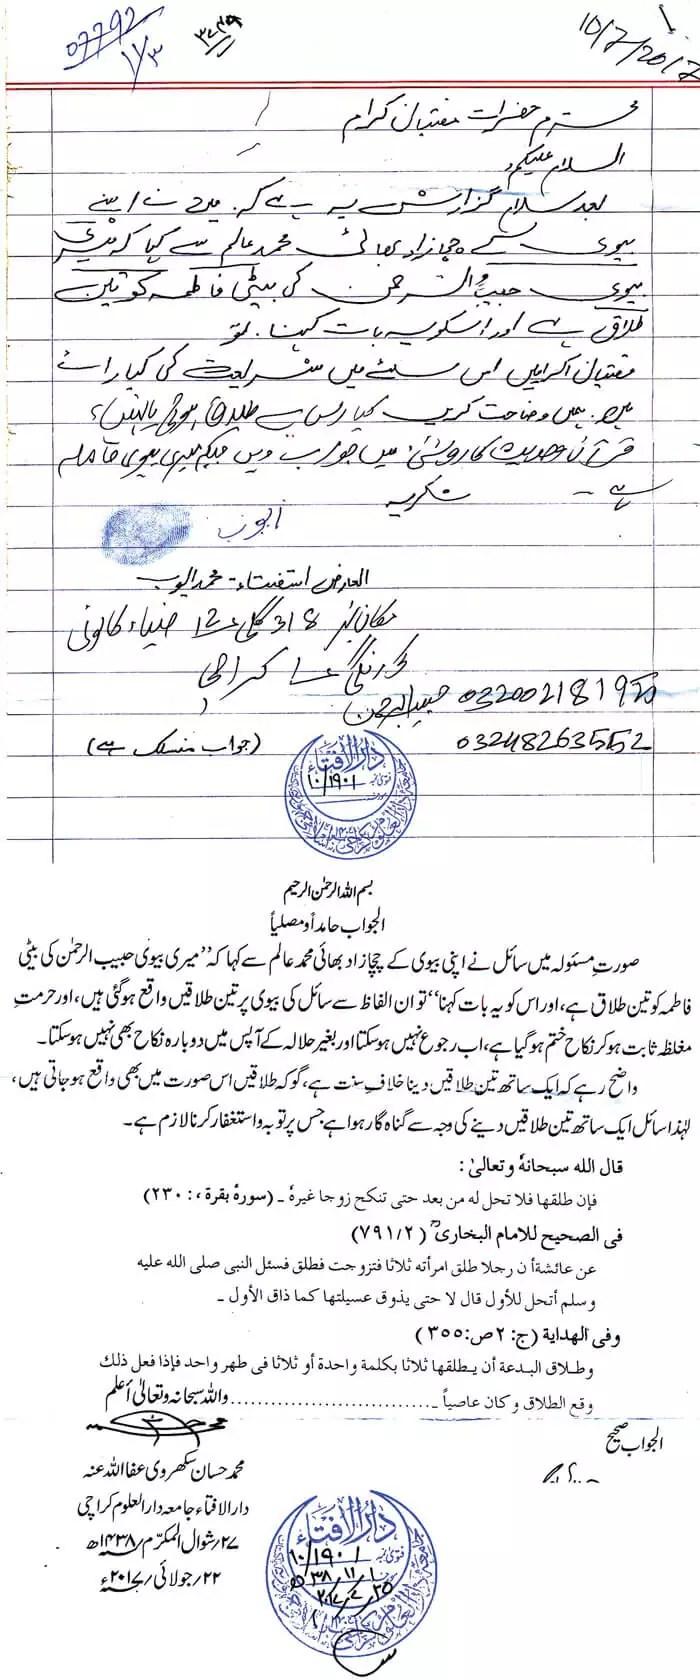 darul-uloom-karachi-korangi-hamla-aurat-ko-talaq-per-halala-ka-fatwa-3